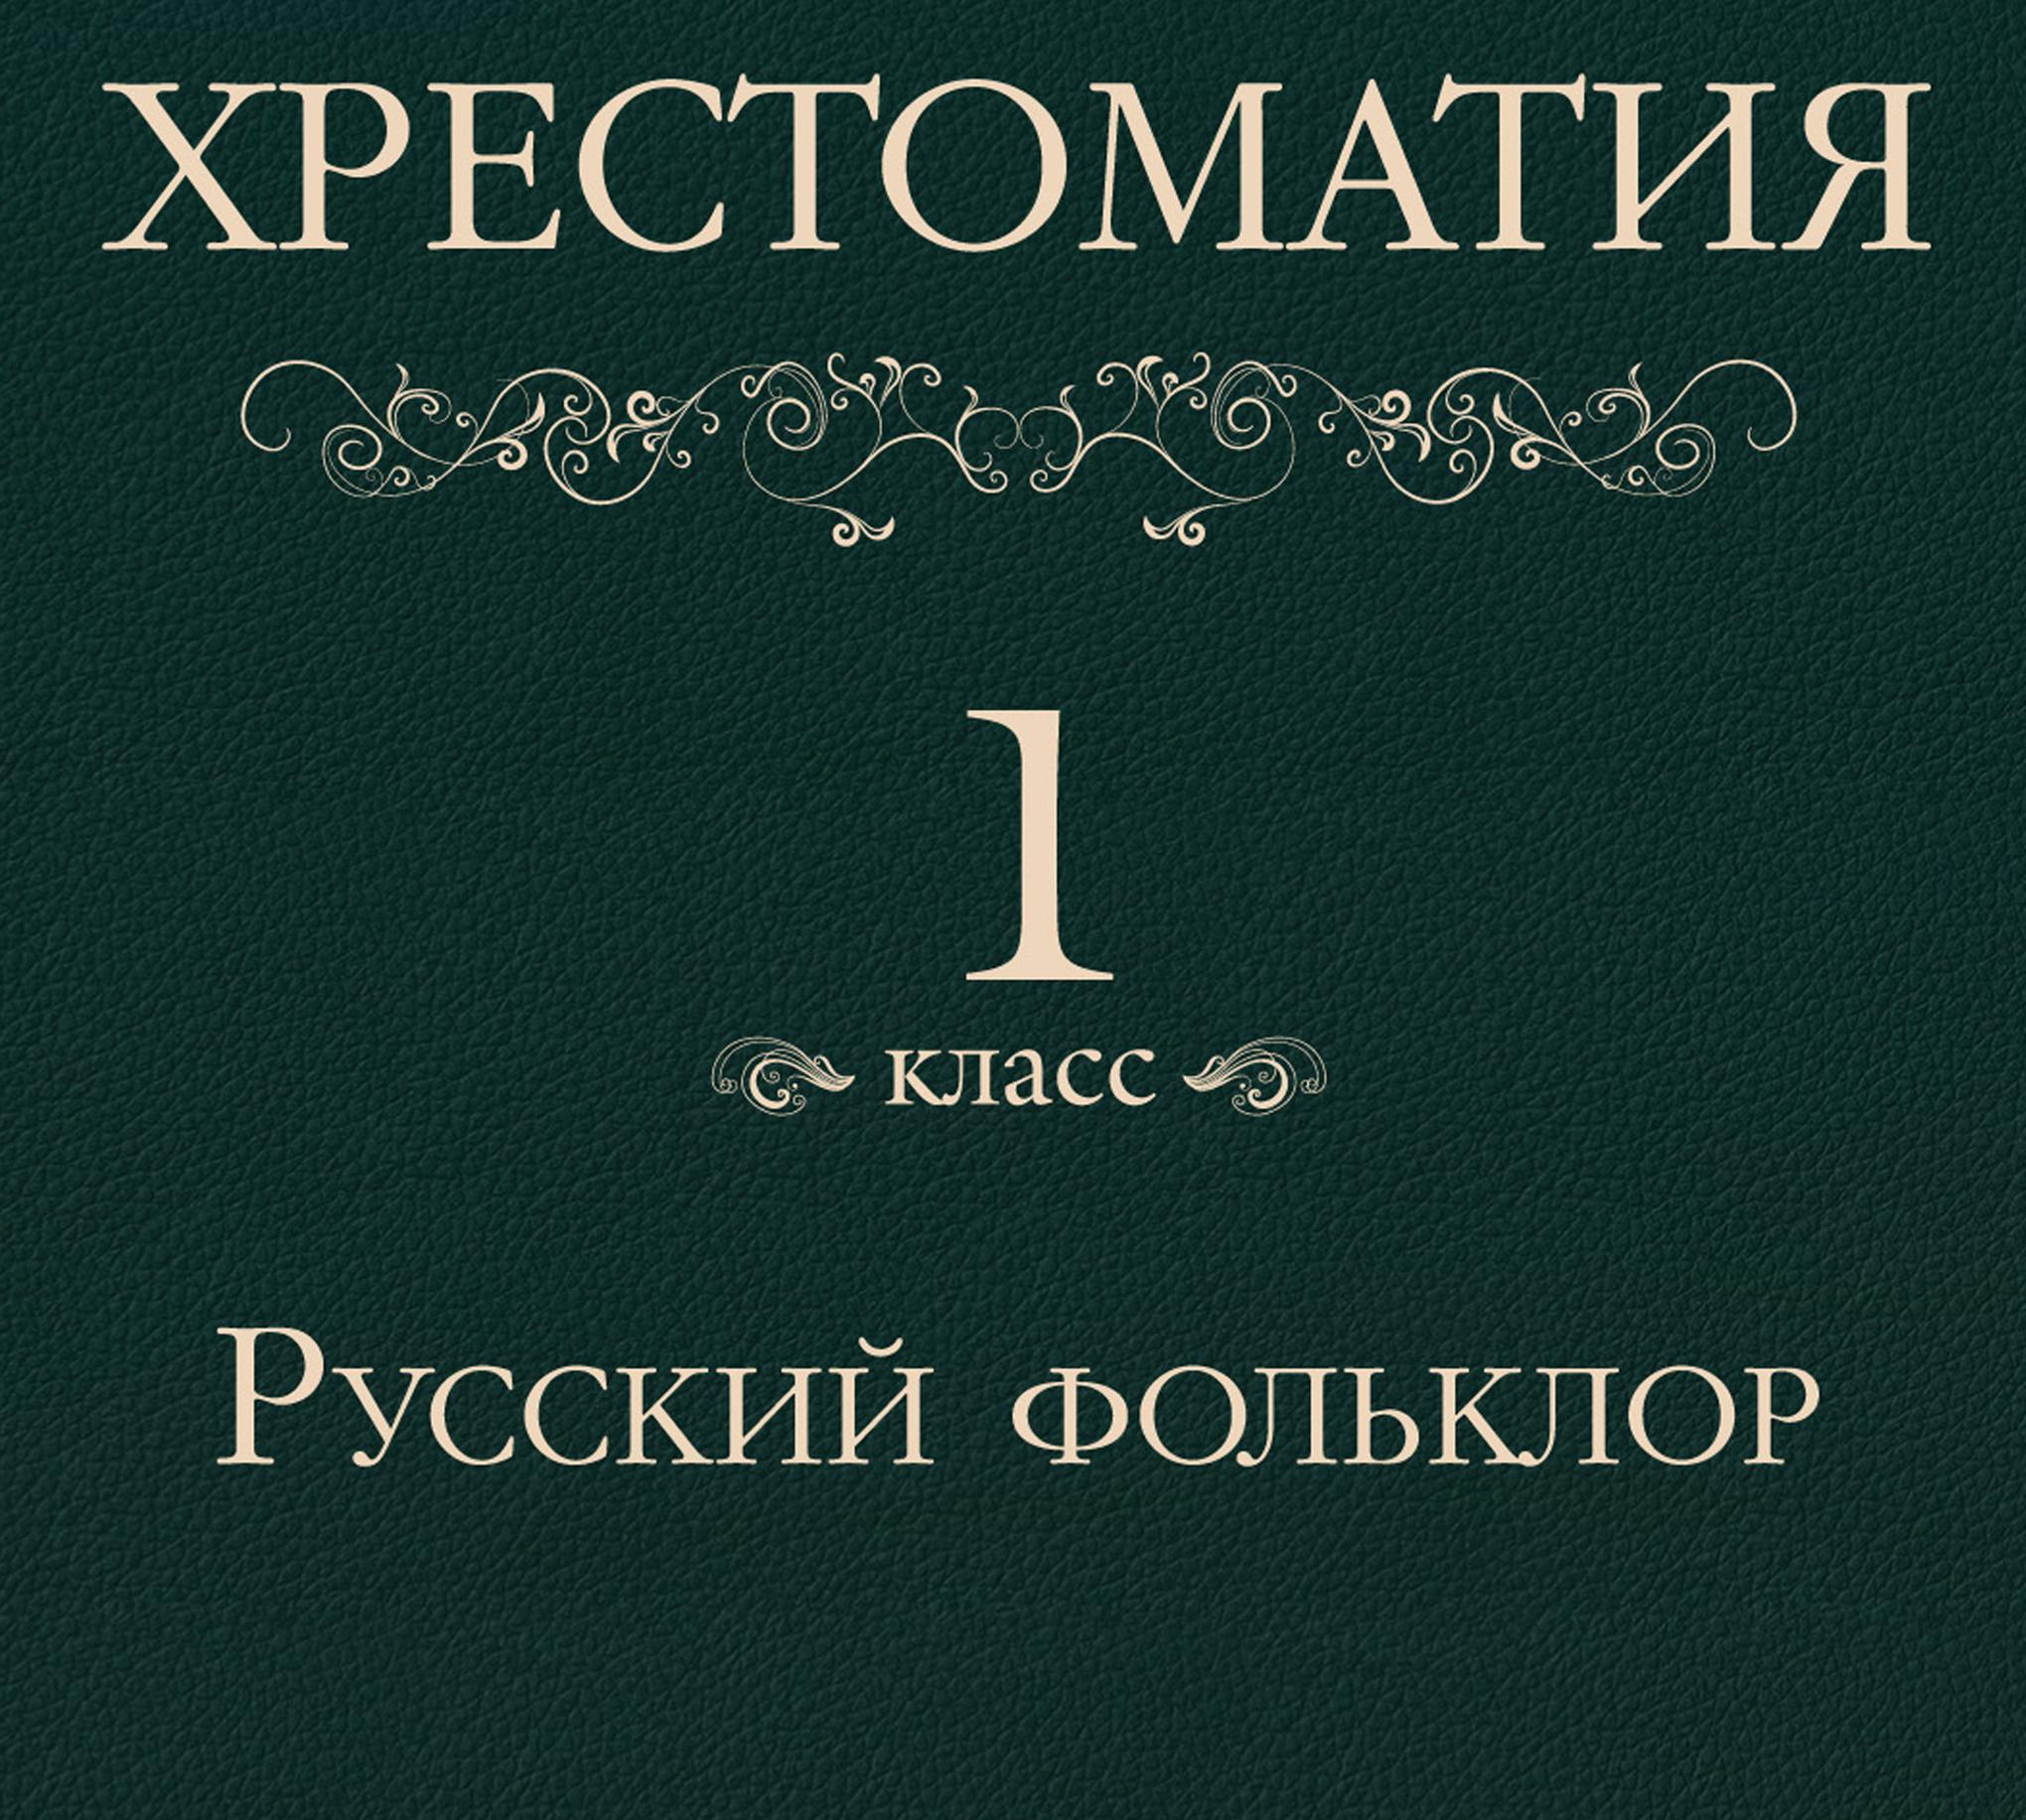 Хрестоматия 1 класс. Русский фольклор